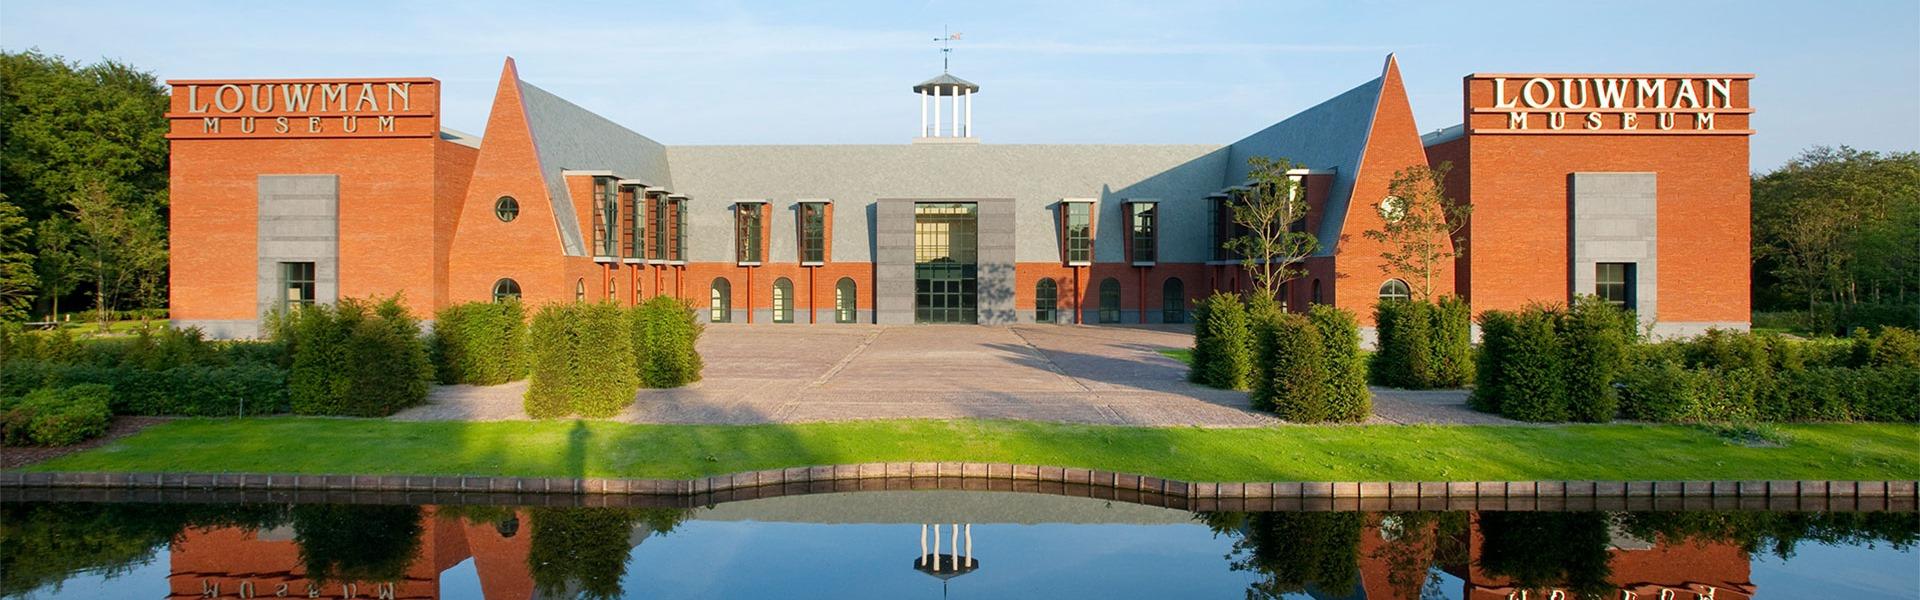 Voorkant van het Louwman Museum in Den Haag